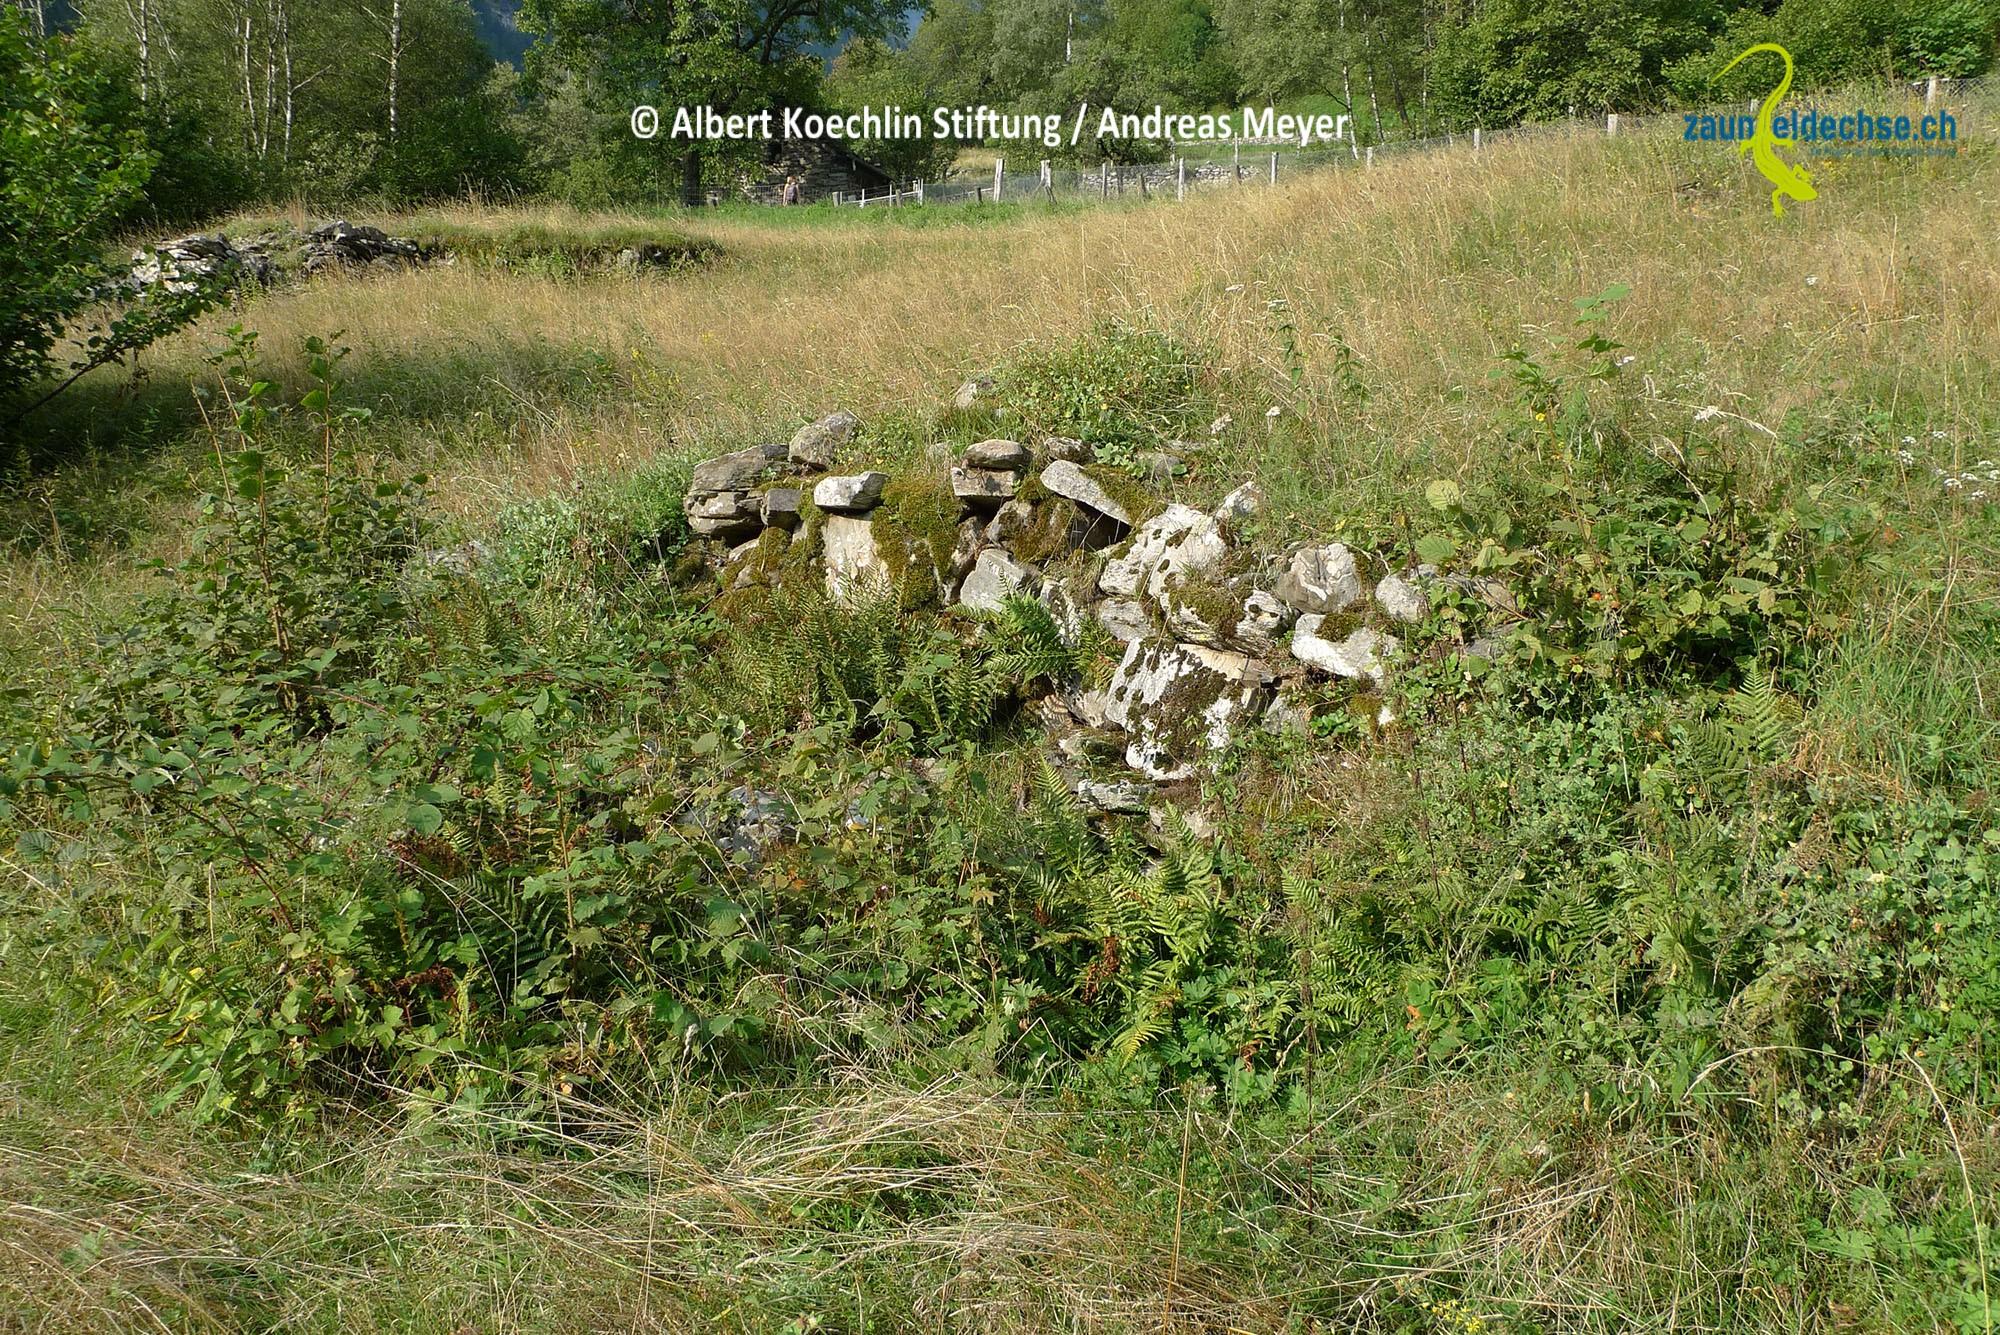 Dieser Steinhaufen wird durch die umgebende Vegetation hervorragend ergänzt. Beim Mähen der Wiese bleibt ein grosszügiger Altgrassaum stehen. Gehölze die aufkommen, entfernt man nur sporadisch.